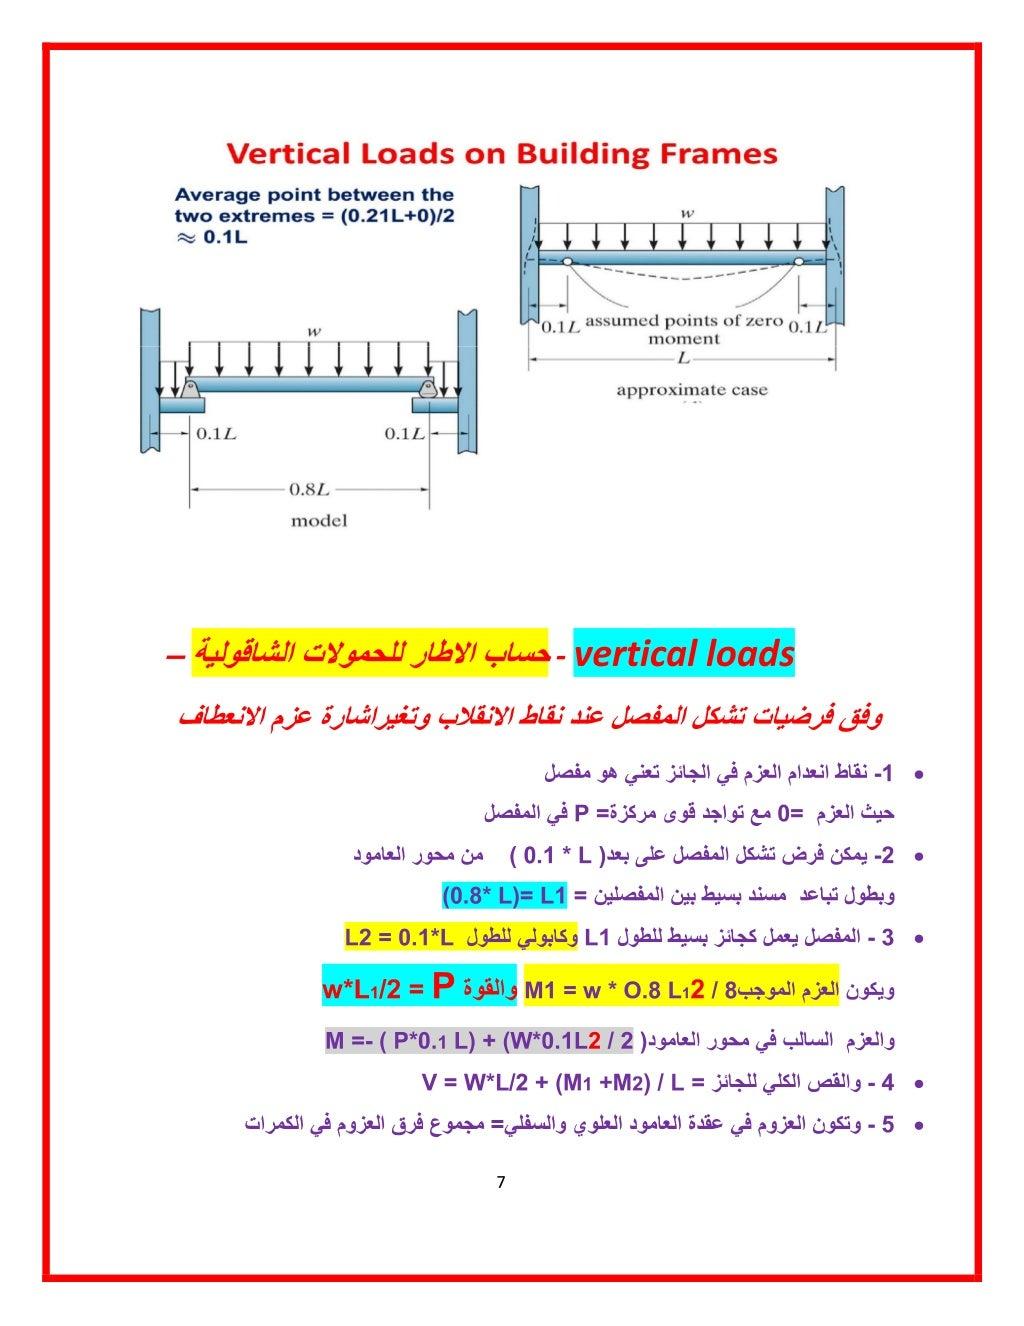 manual-designed-for-seismic-resistance-frames-moment-portals-method-7-1024.jpg